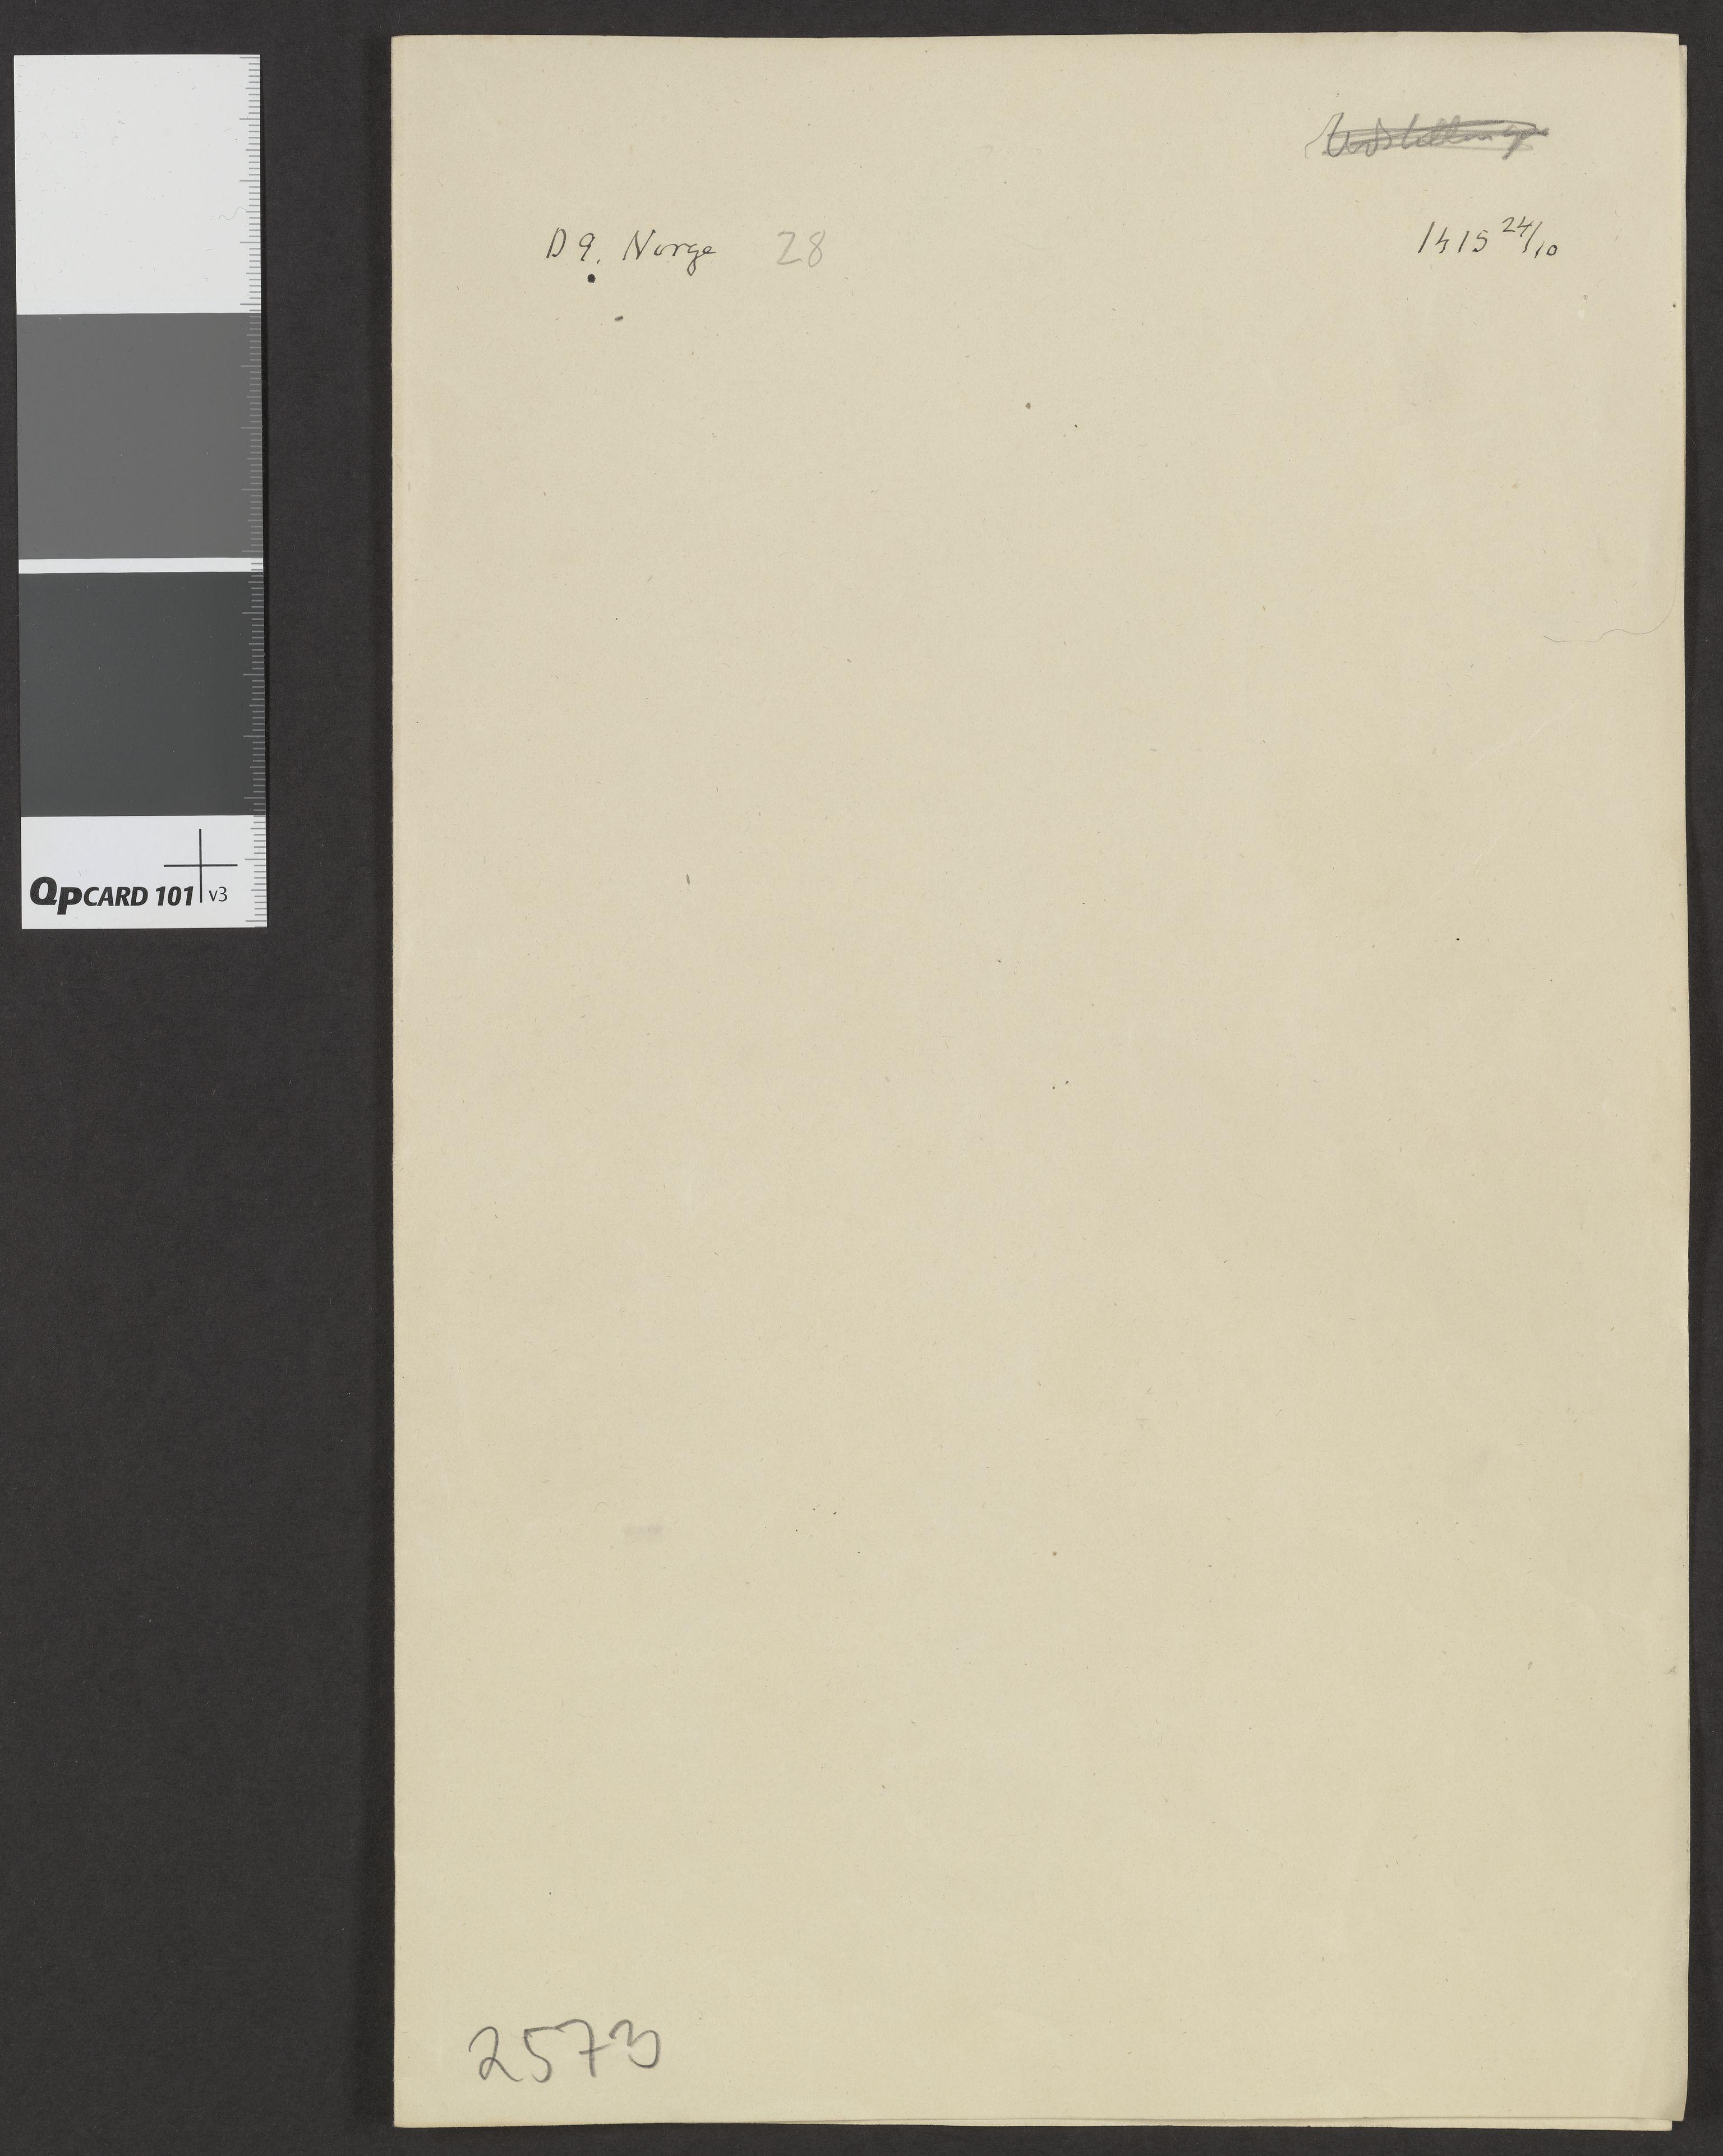 RA, Riksarkivets diplomsamling, F06/L0020: Dokument nr. 27-28